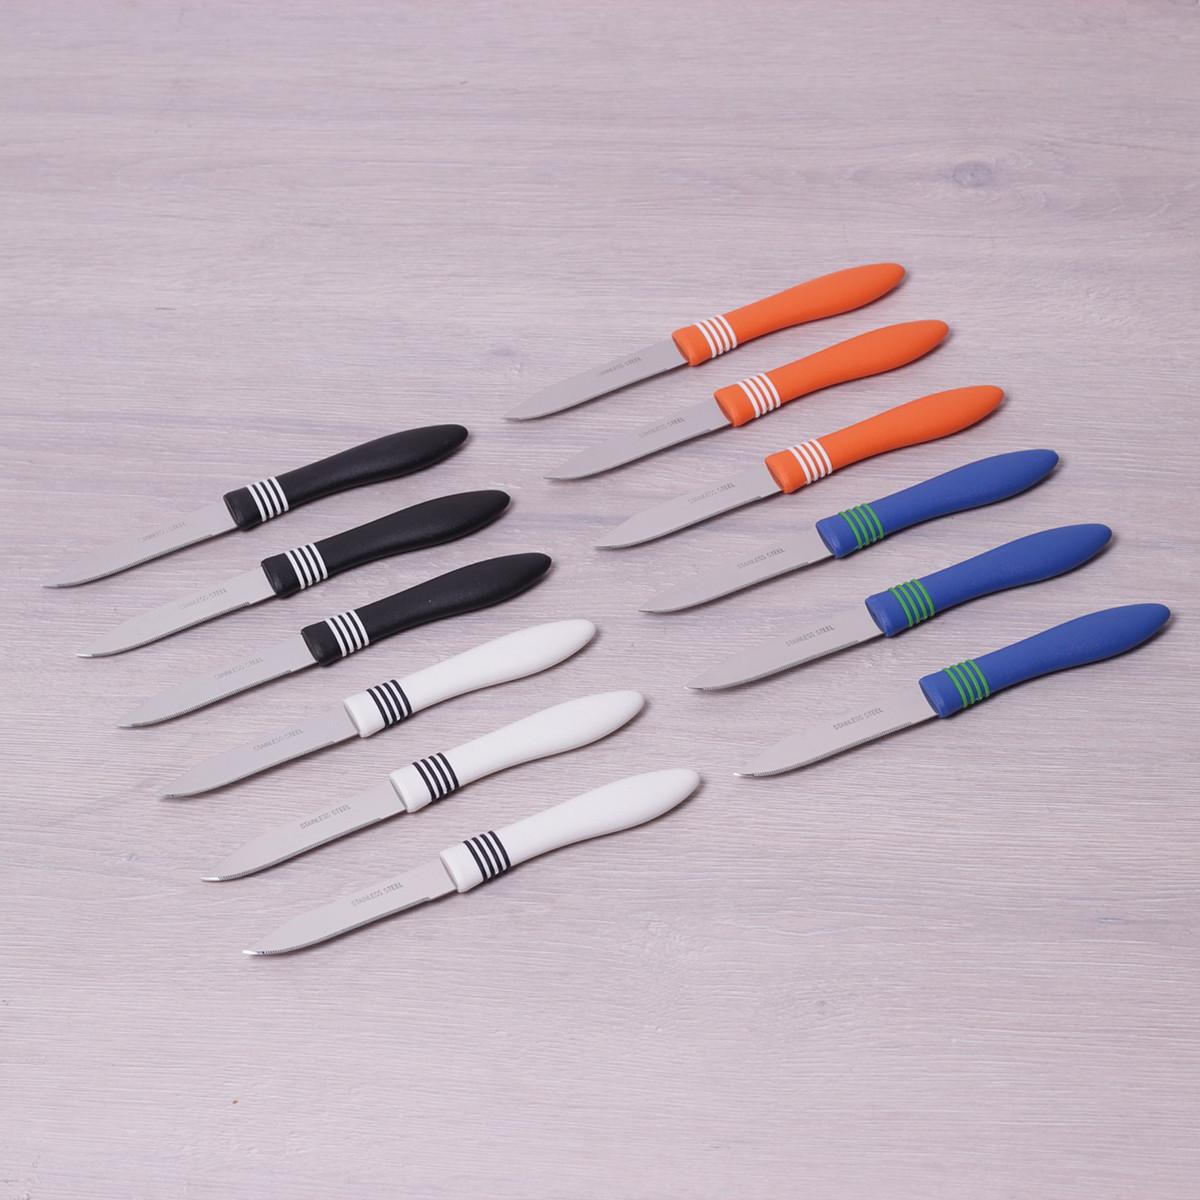 Набір ножів для очищення 12 шт з нержавіючої сталі з пластиковими ручками Kamille